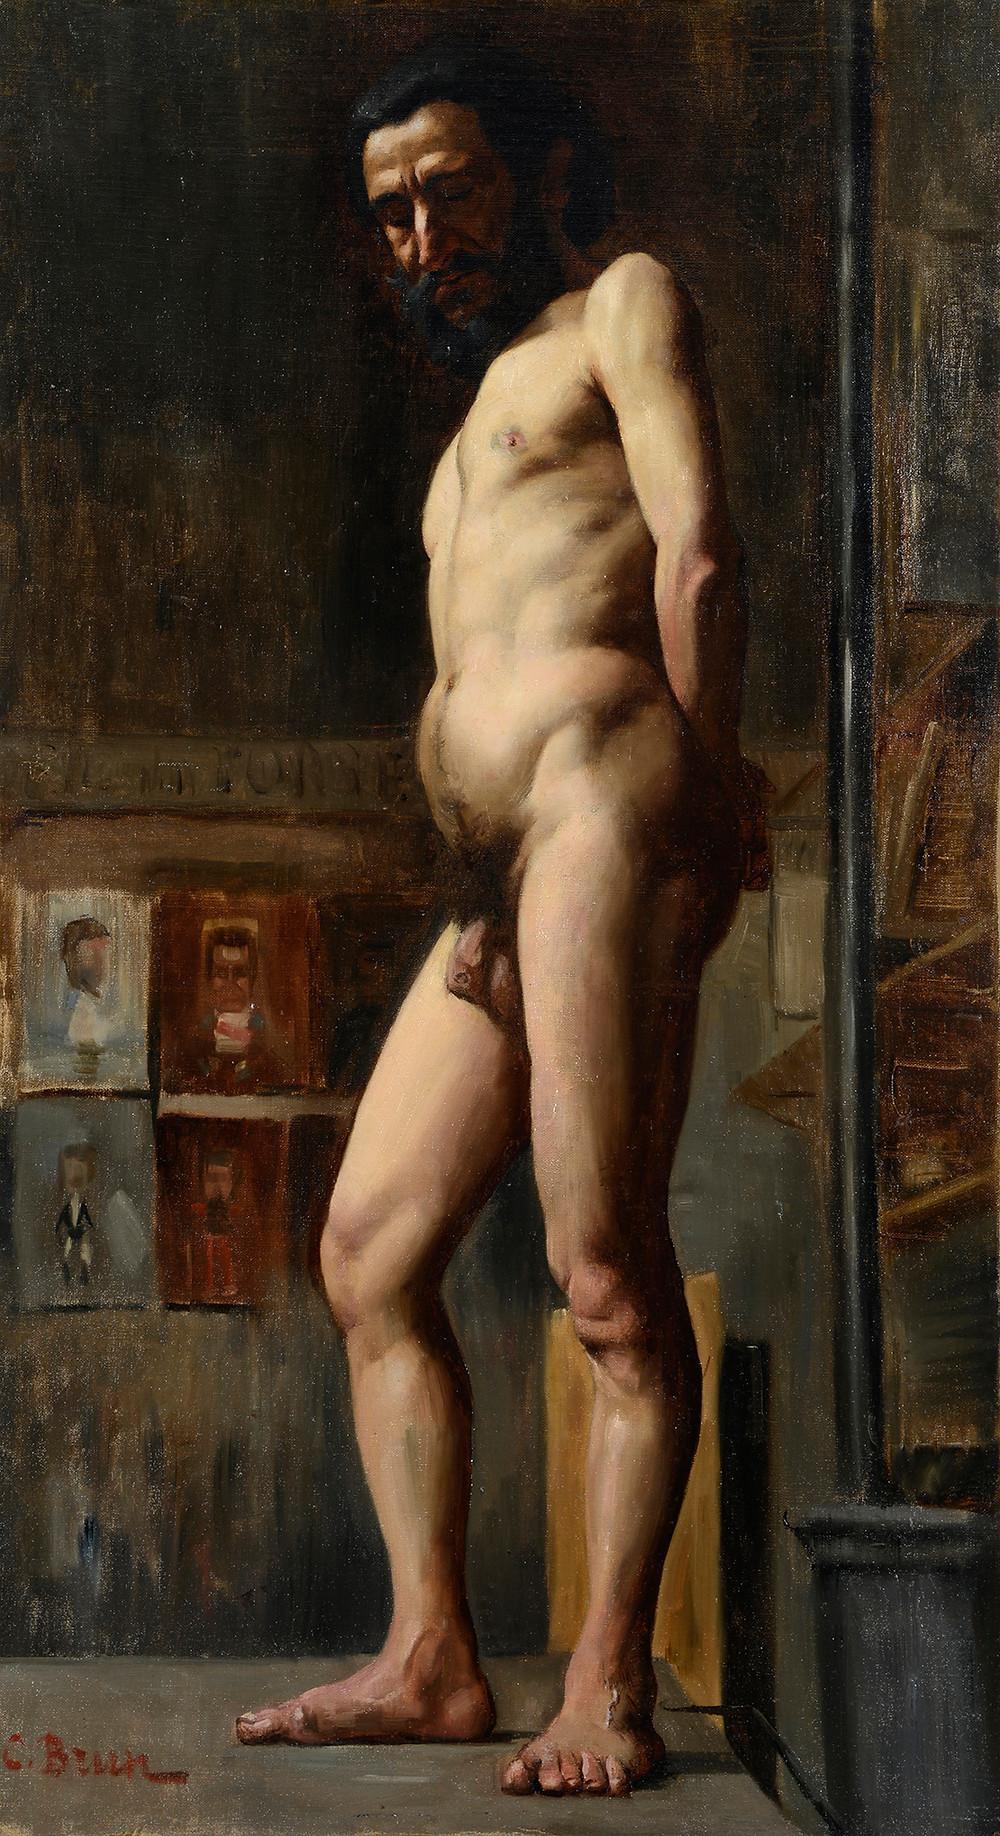 Peinture Clément BRUN (Avignon 1865-Avignon 1920) Étude d'homme nu aux Beaux-Arts  Huile sur carton signé en bas à gauche. Collection Hortense Bourgue Dimensions 81 x 46 cm